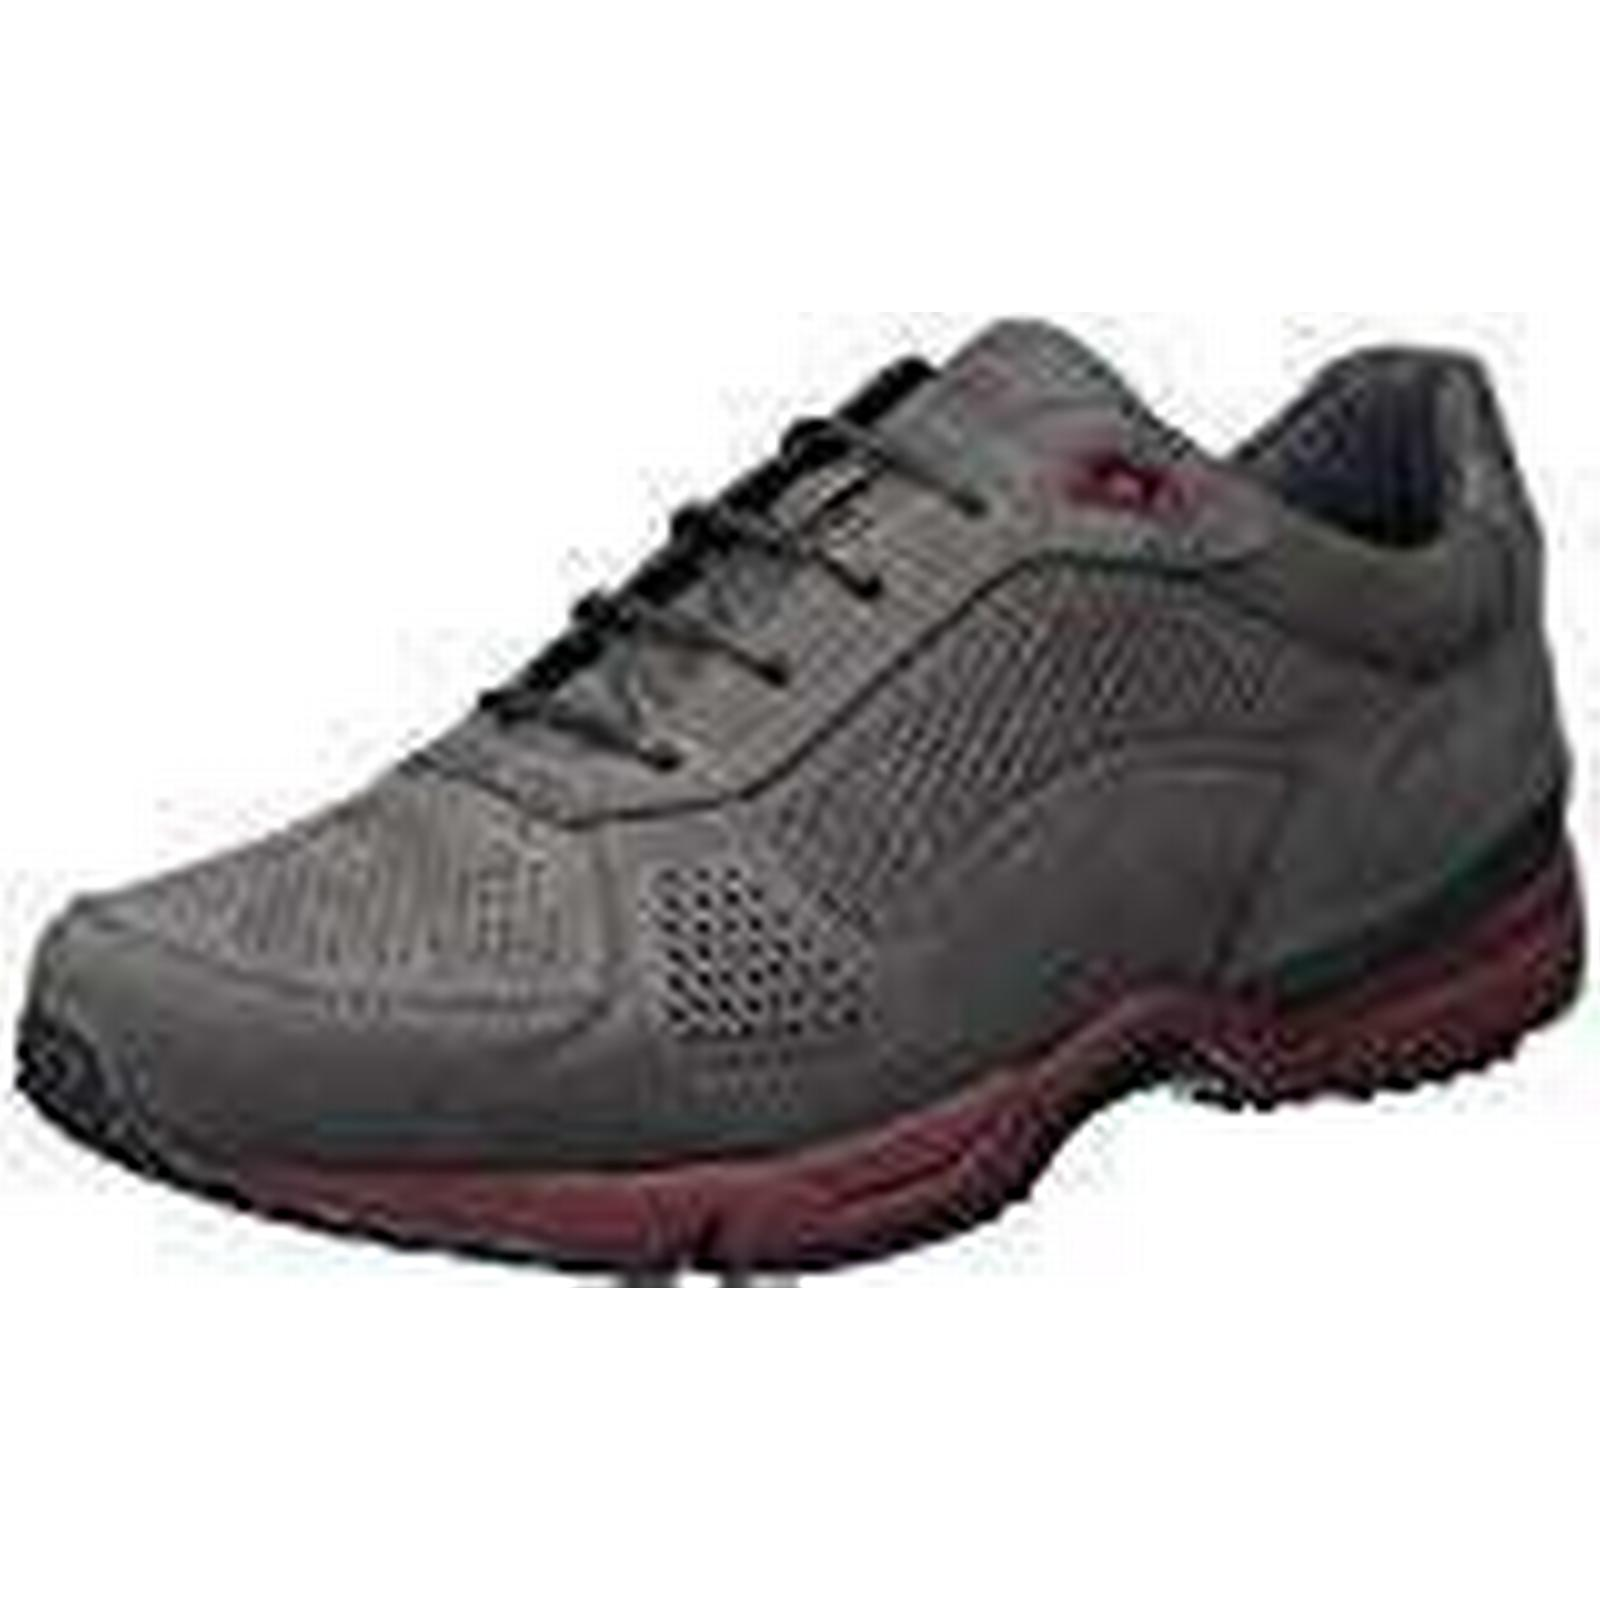 BOSS Athleisure Men's Velocity_Runn_nupf 10201647 Grey 01 Trainers, Grey (Dark Grey 10201647 021), 10 UK 24850e